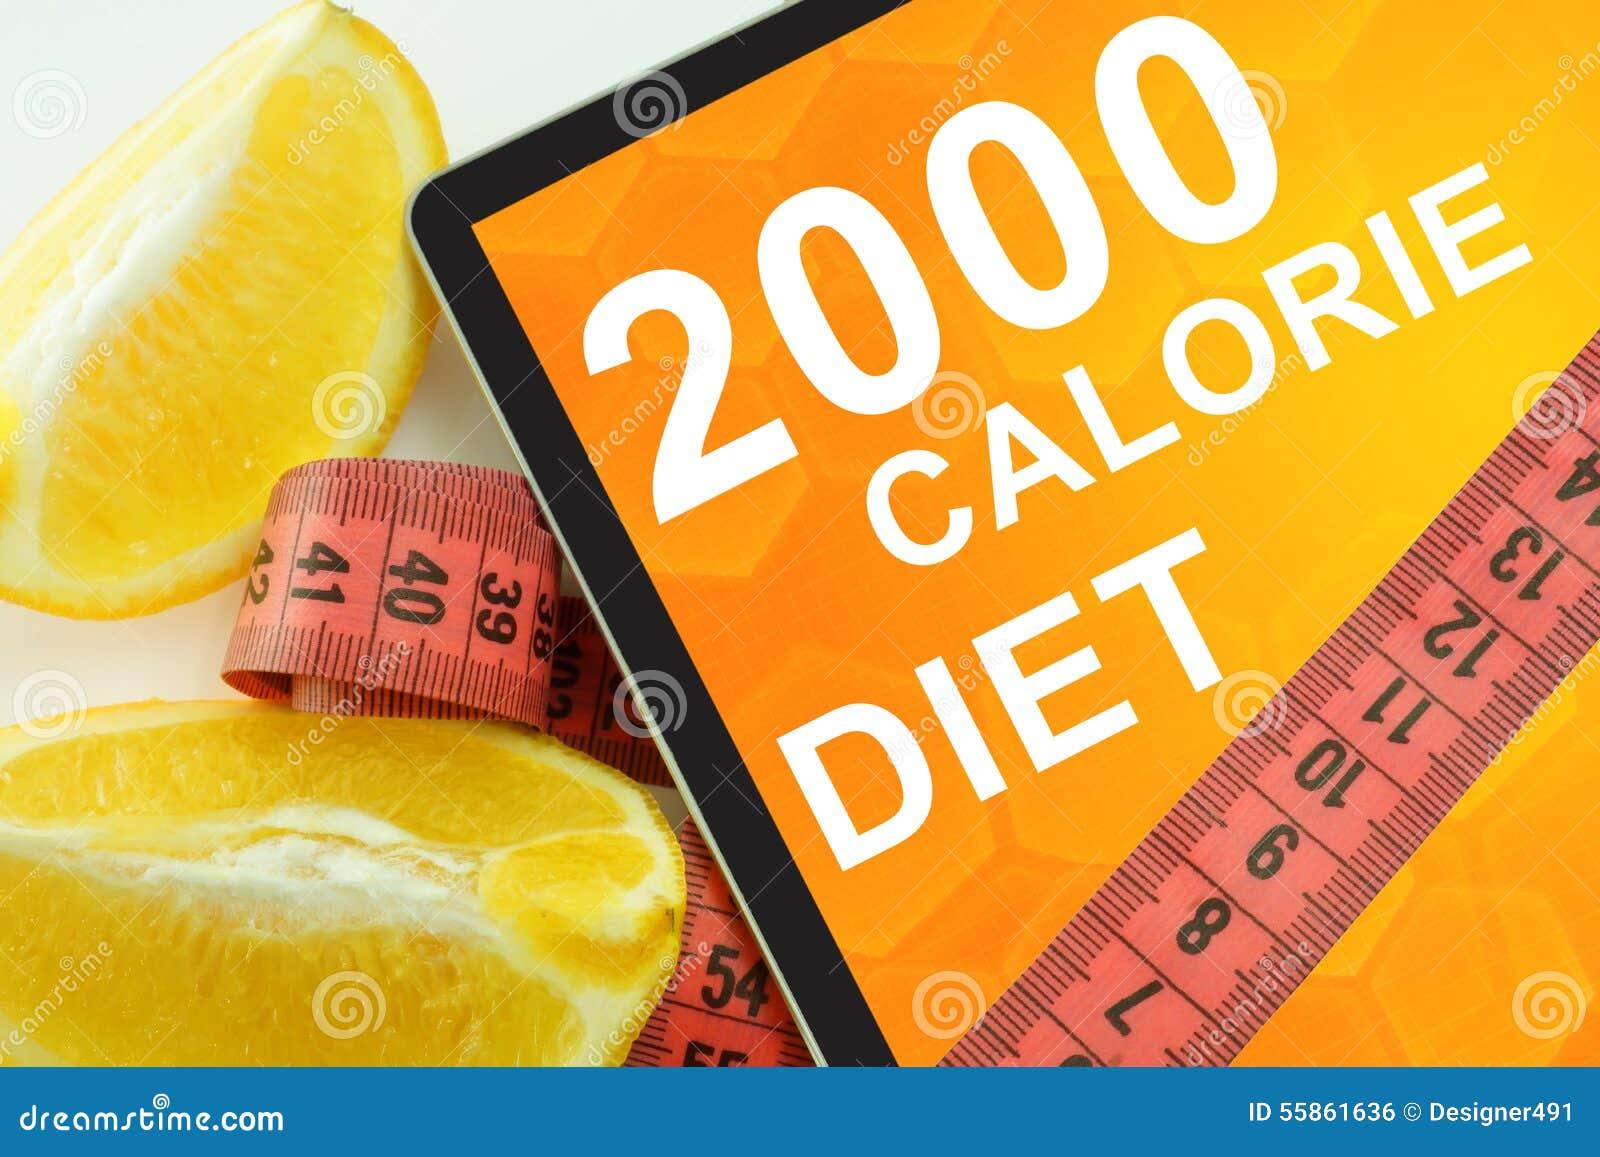 2000 dietas da caloria na tabuleta